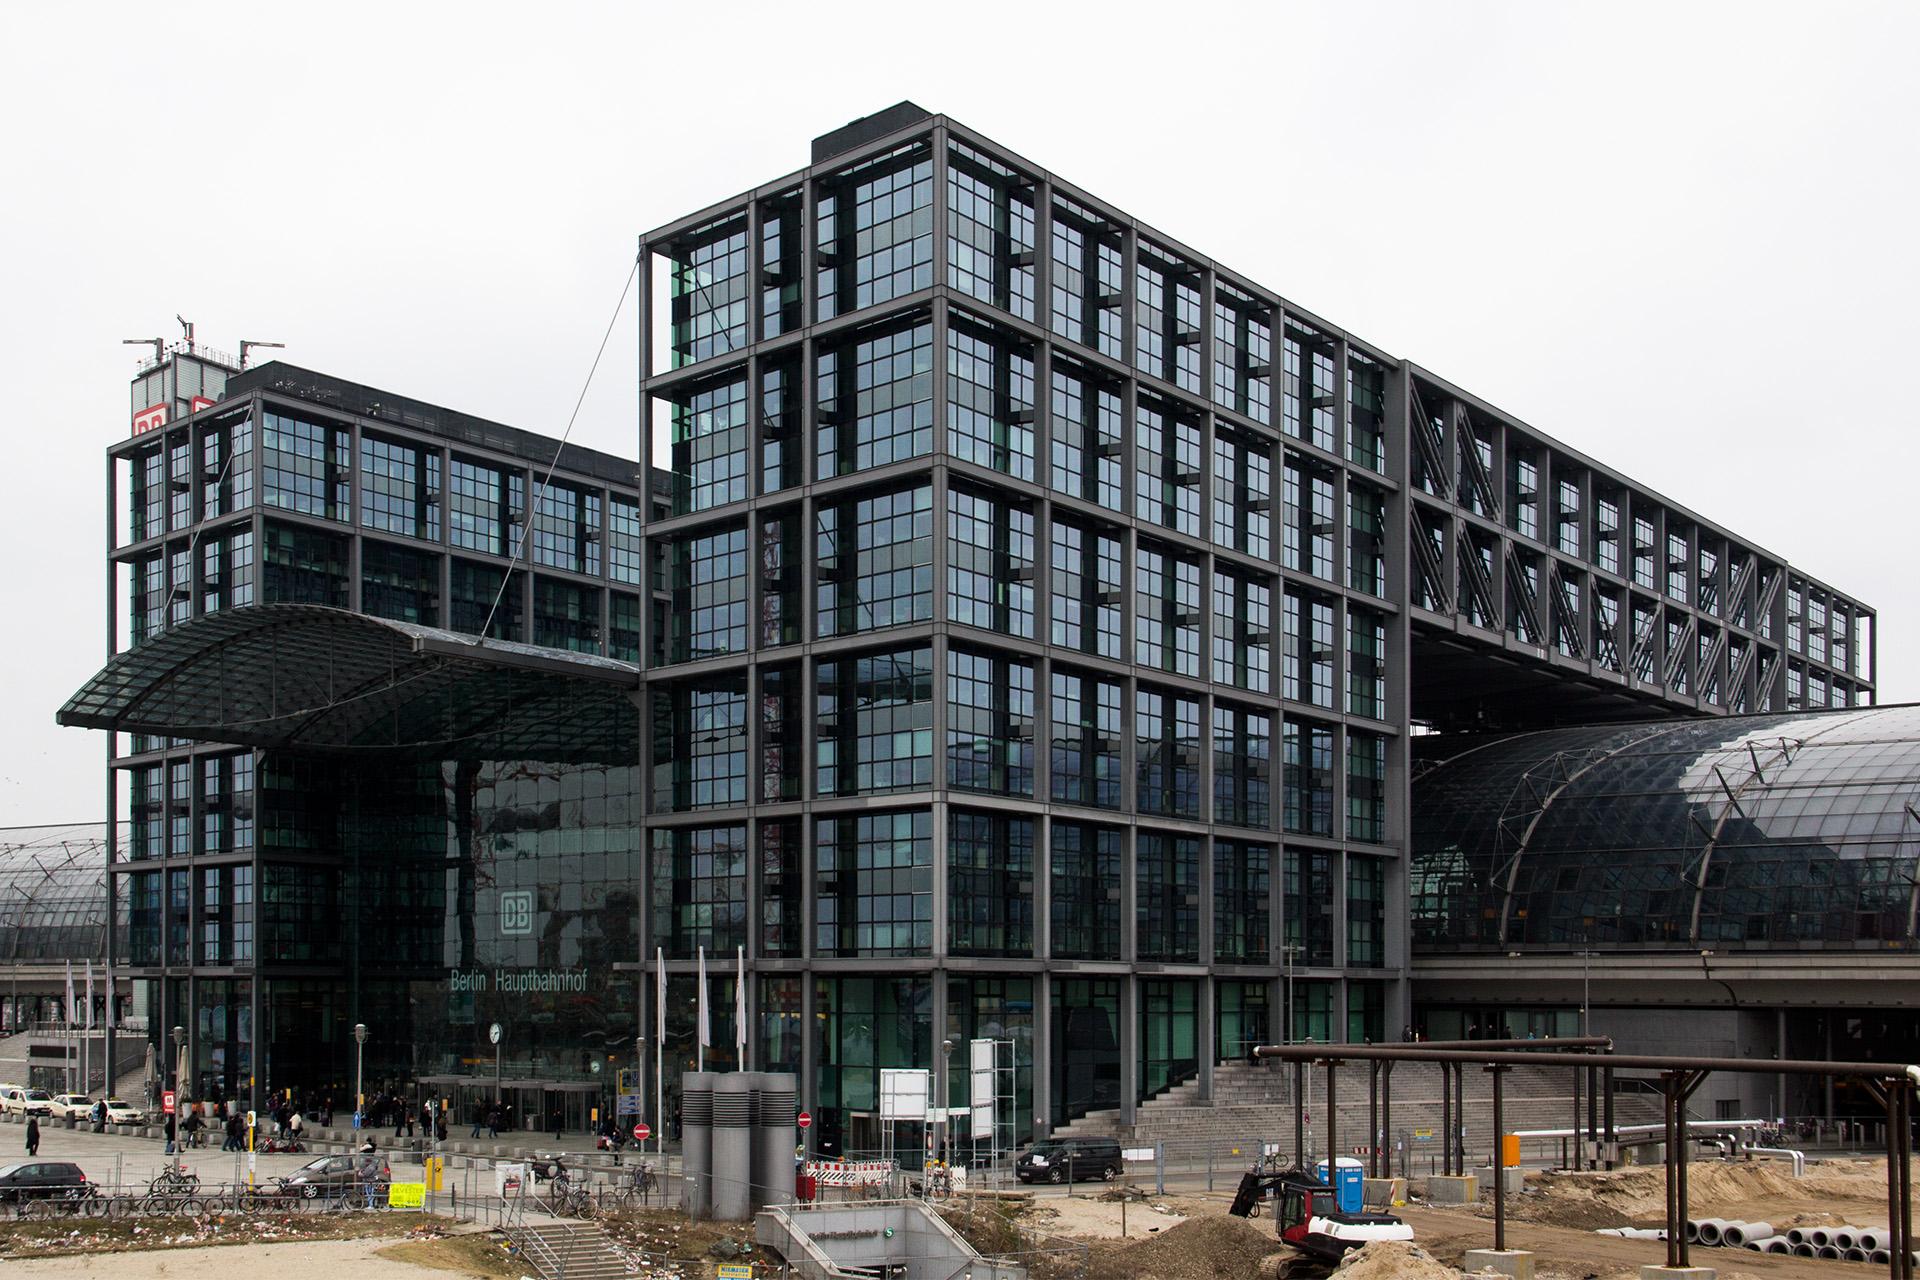 Berlin #6 Hauptbahnhof, Charité, Computerspielemuseum und vegane Restaurants